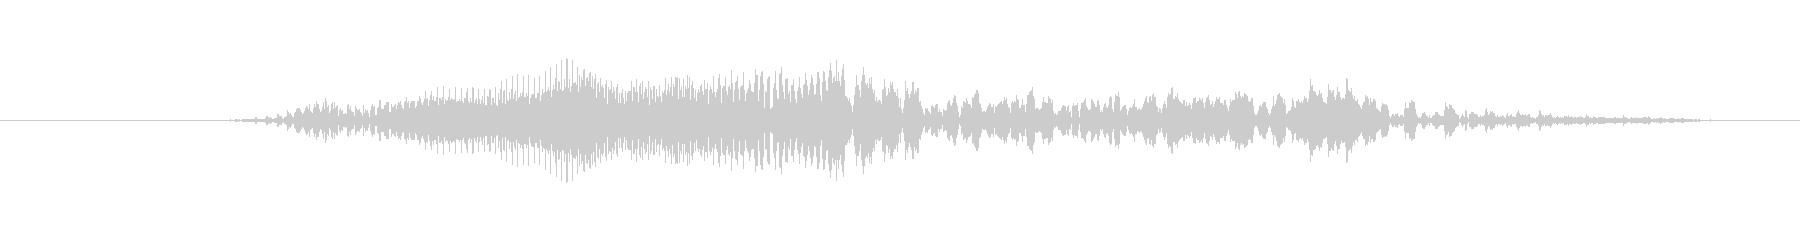 鳴き声 男性の叫びヒット06の未再生の波形